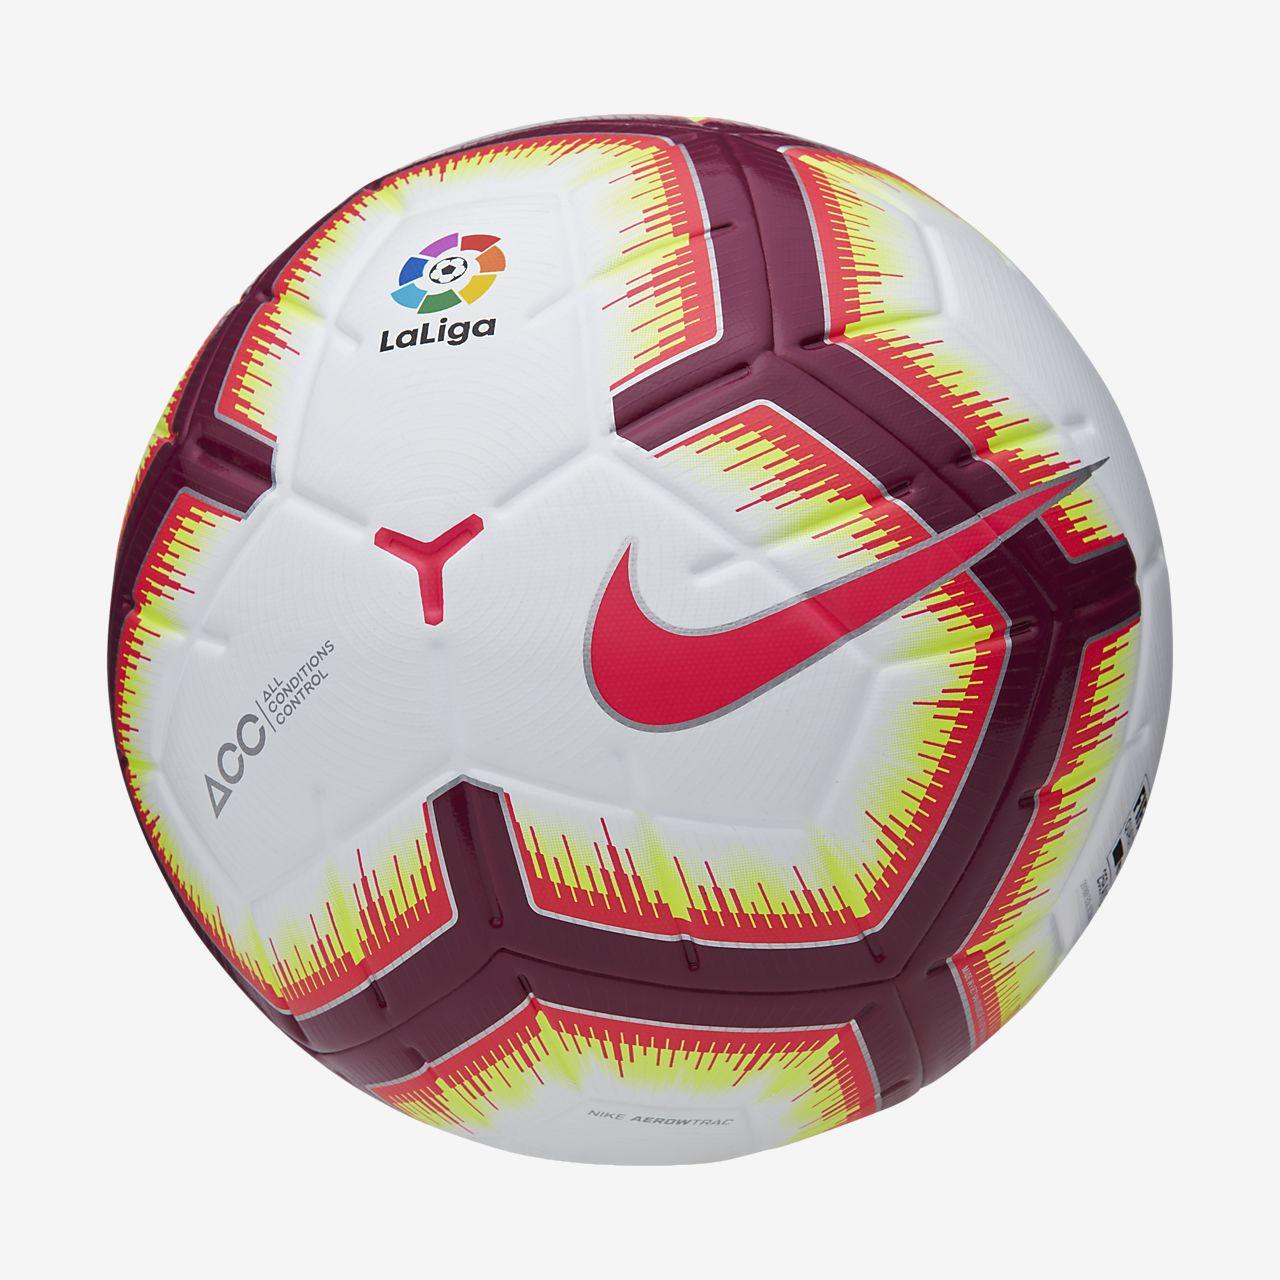 La Liga Merlin Balón de fútbol. Nike.com ES 9414bc8bdd162